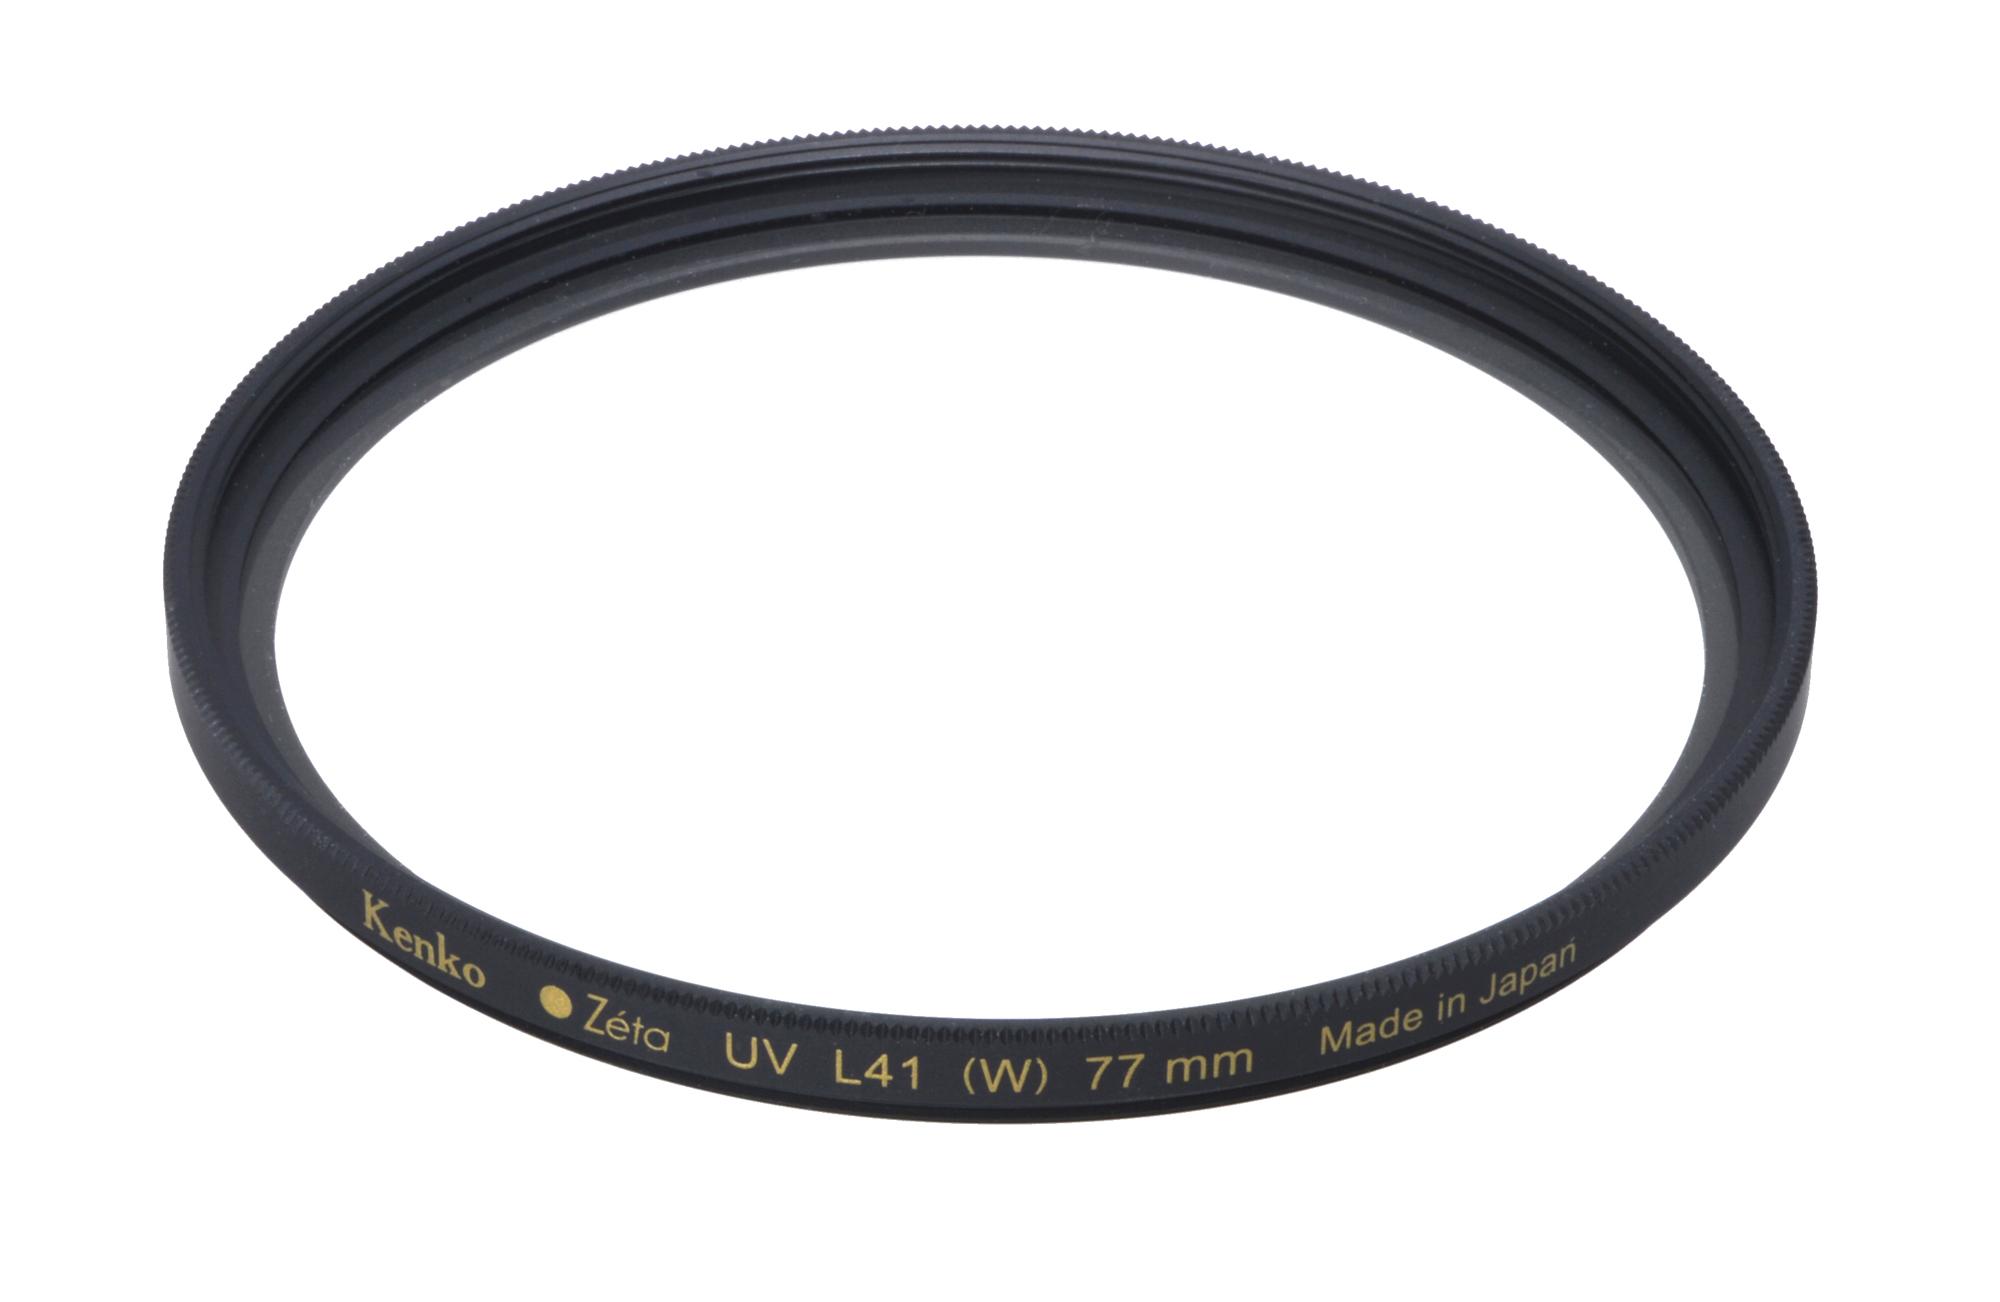 ケンコートキナー Zeta UV L41  保護フィルター 各サイズ